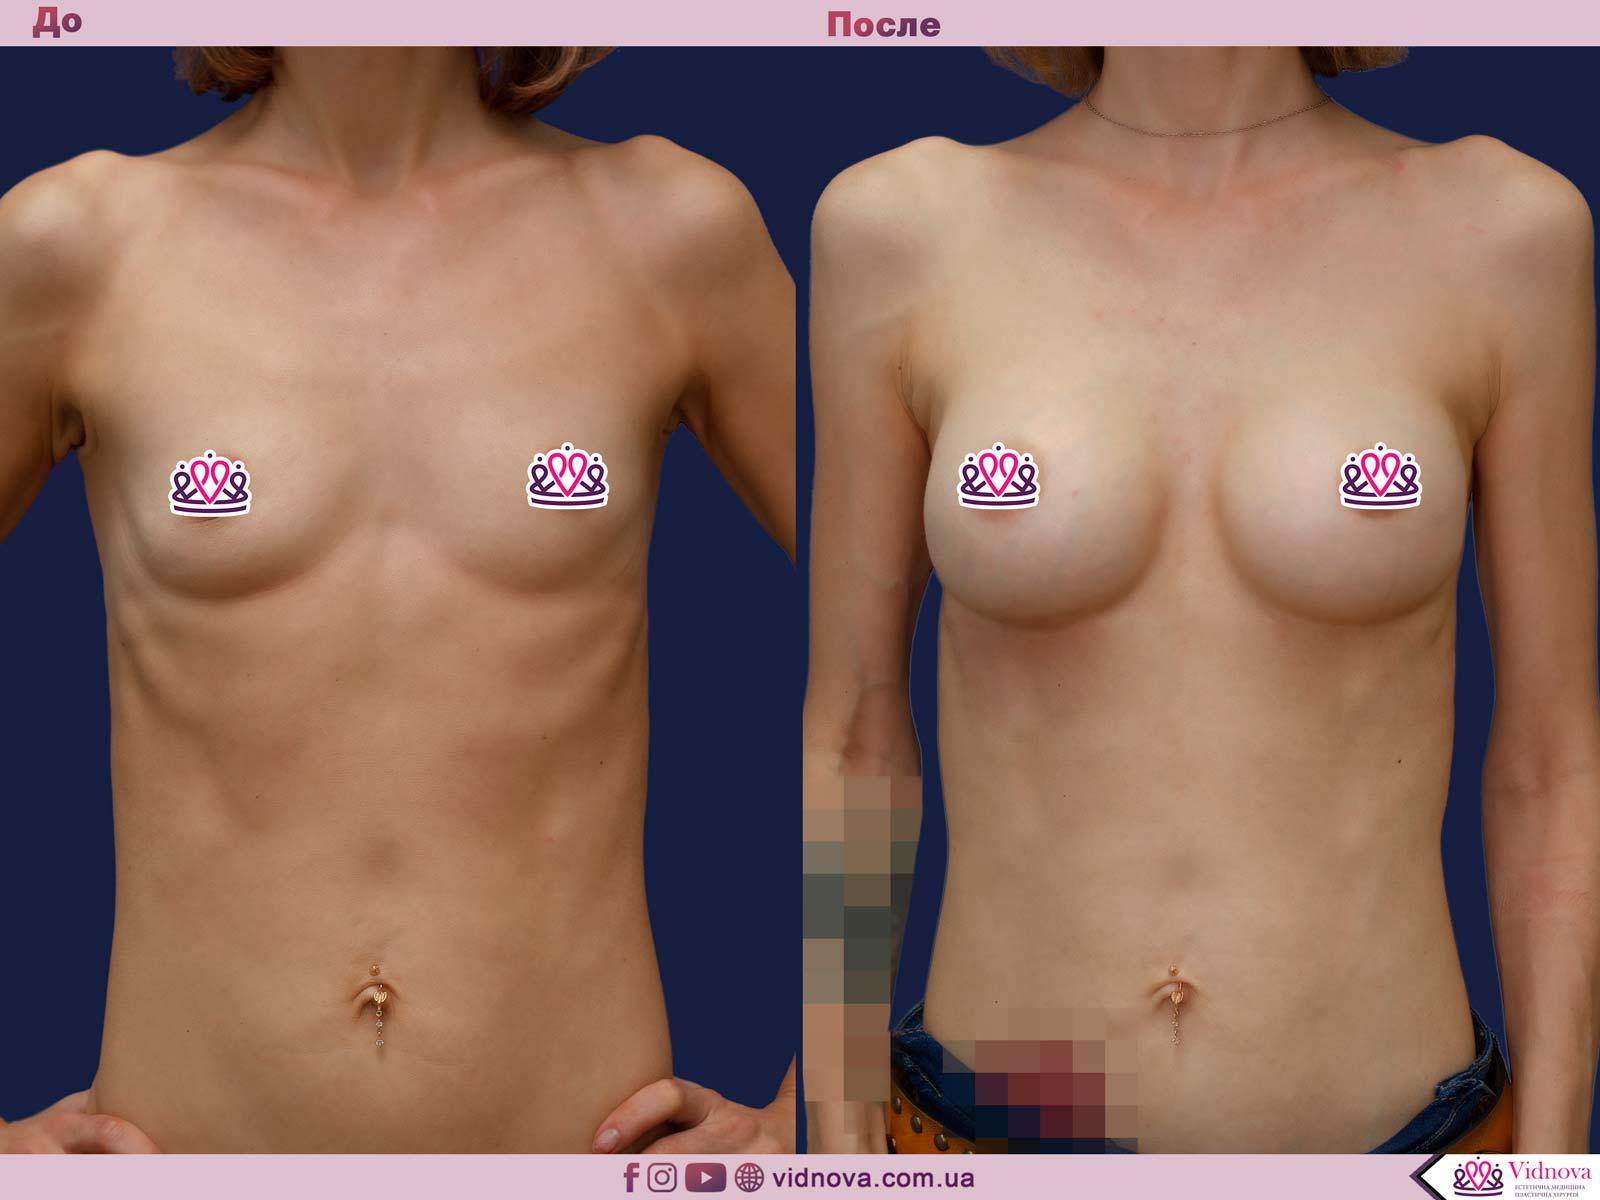 Пластика груди: результаты до и после - Пример №37-0 - Светлана Работенко